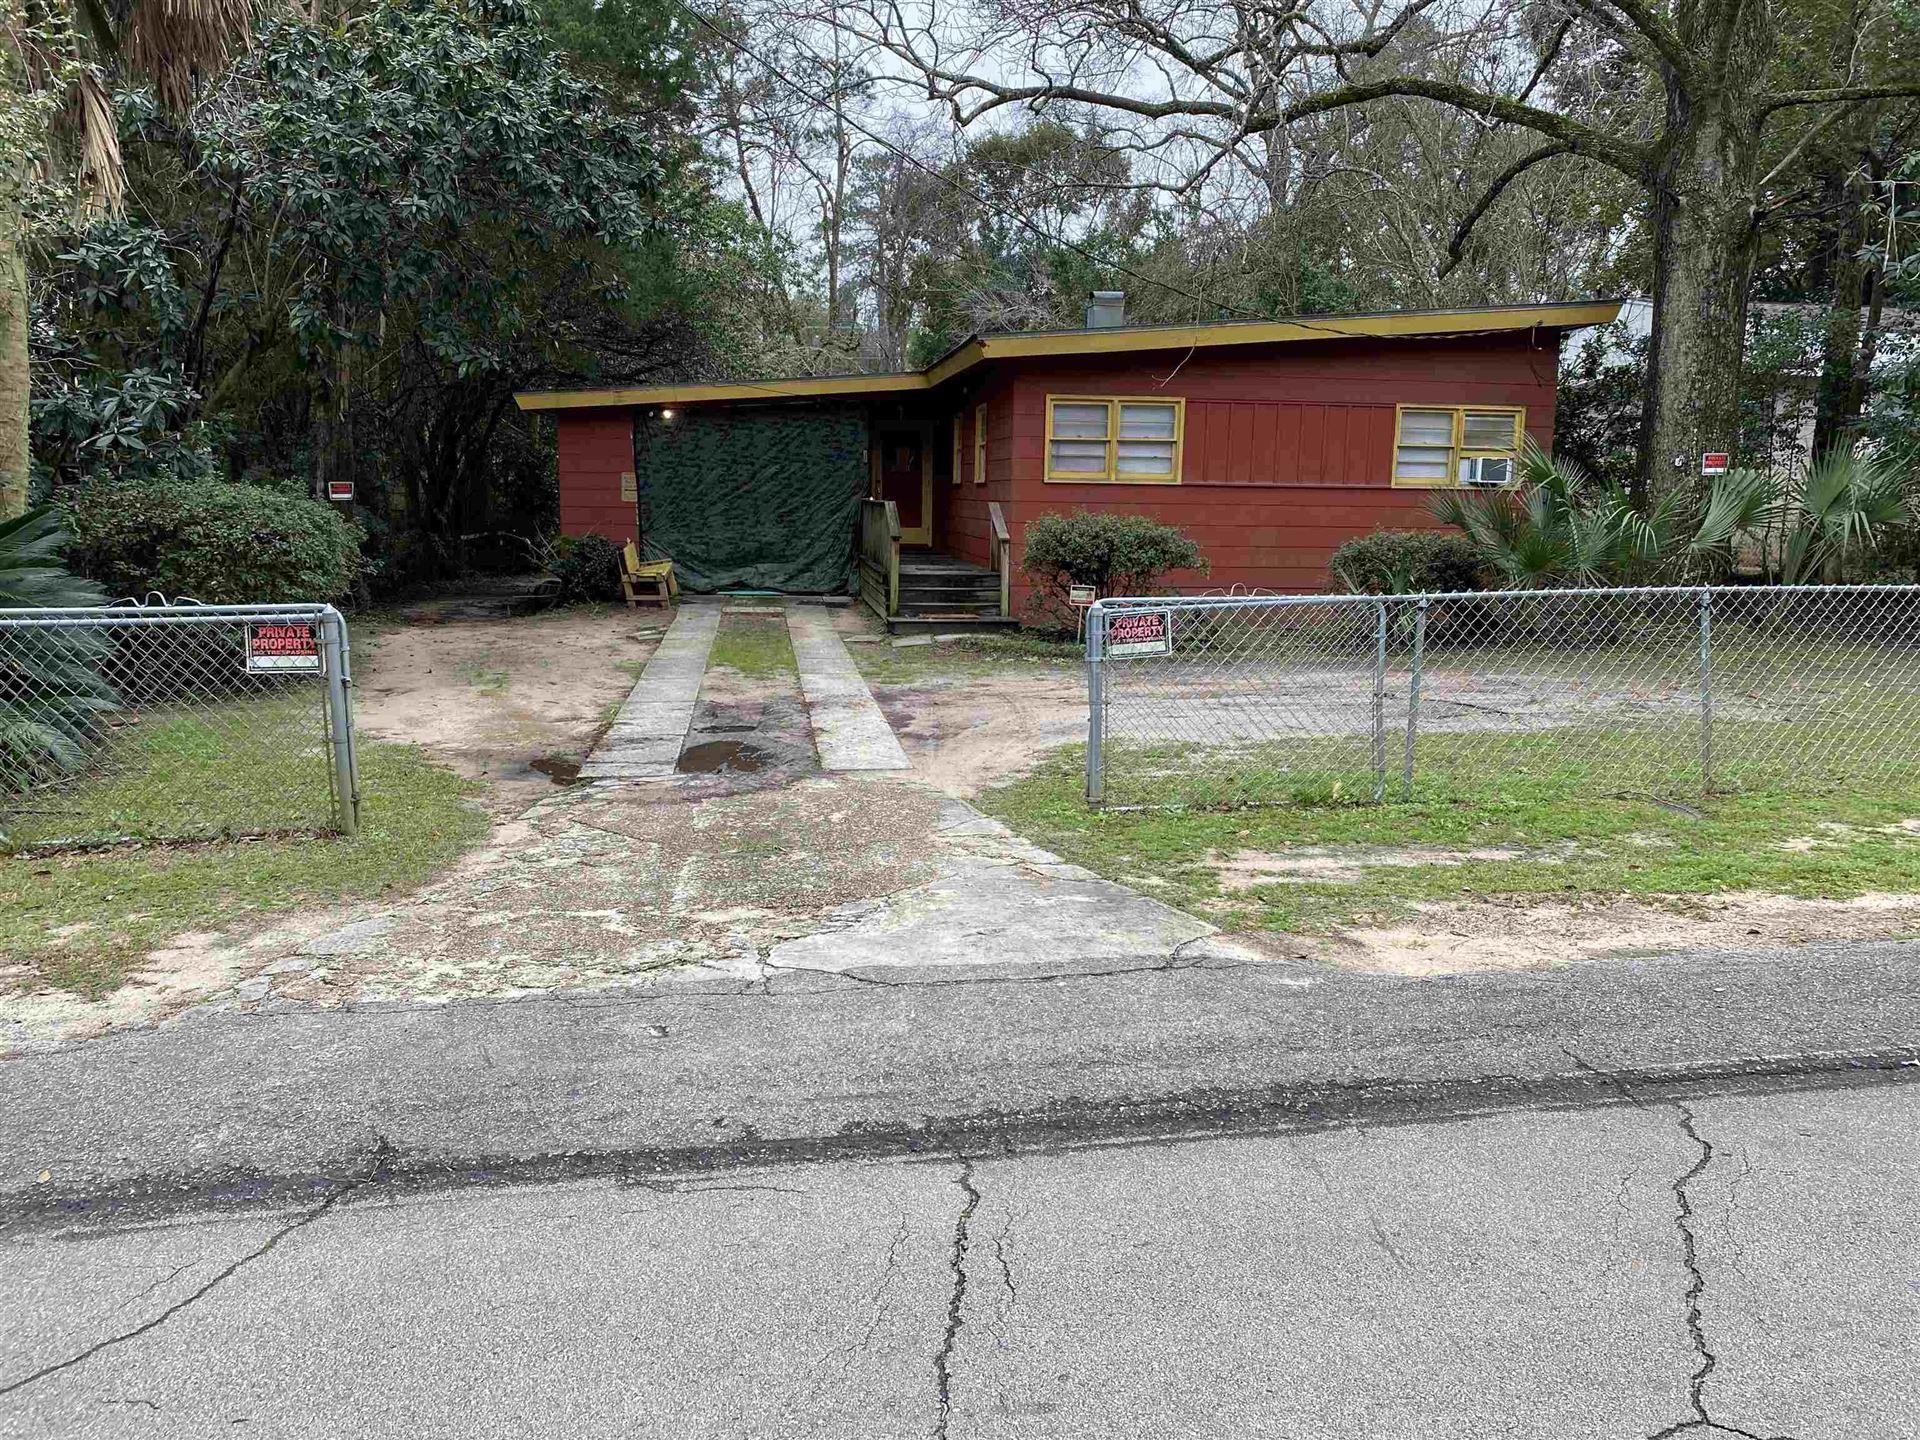 Photo of 1609 Mayhew Street, TALLAHASSEE, FL 32304 (MLS # 337376)